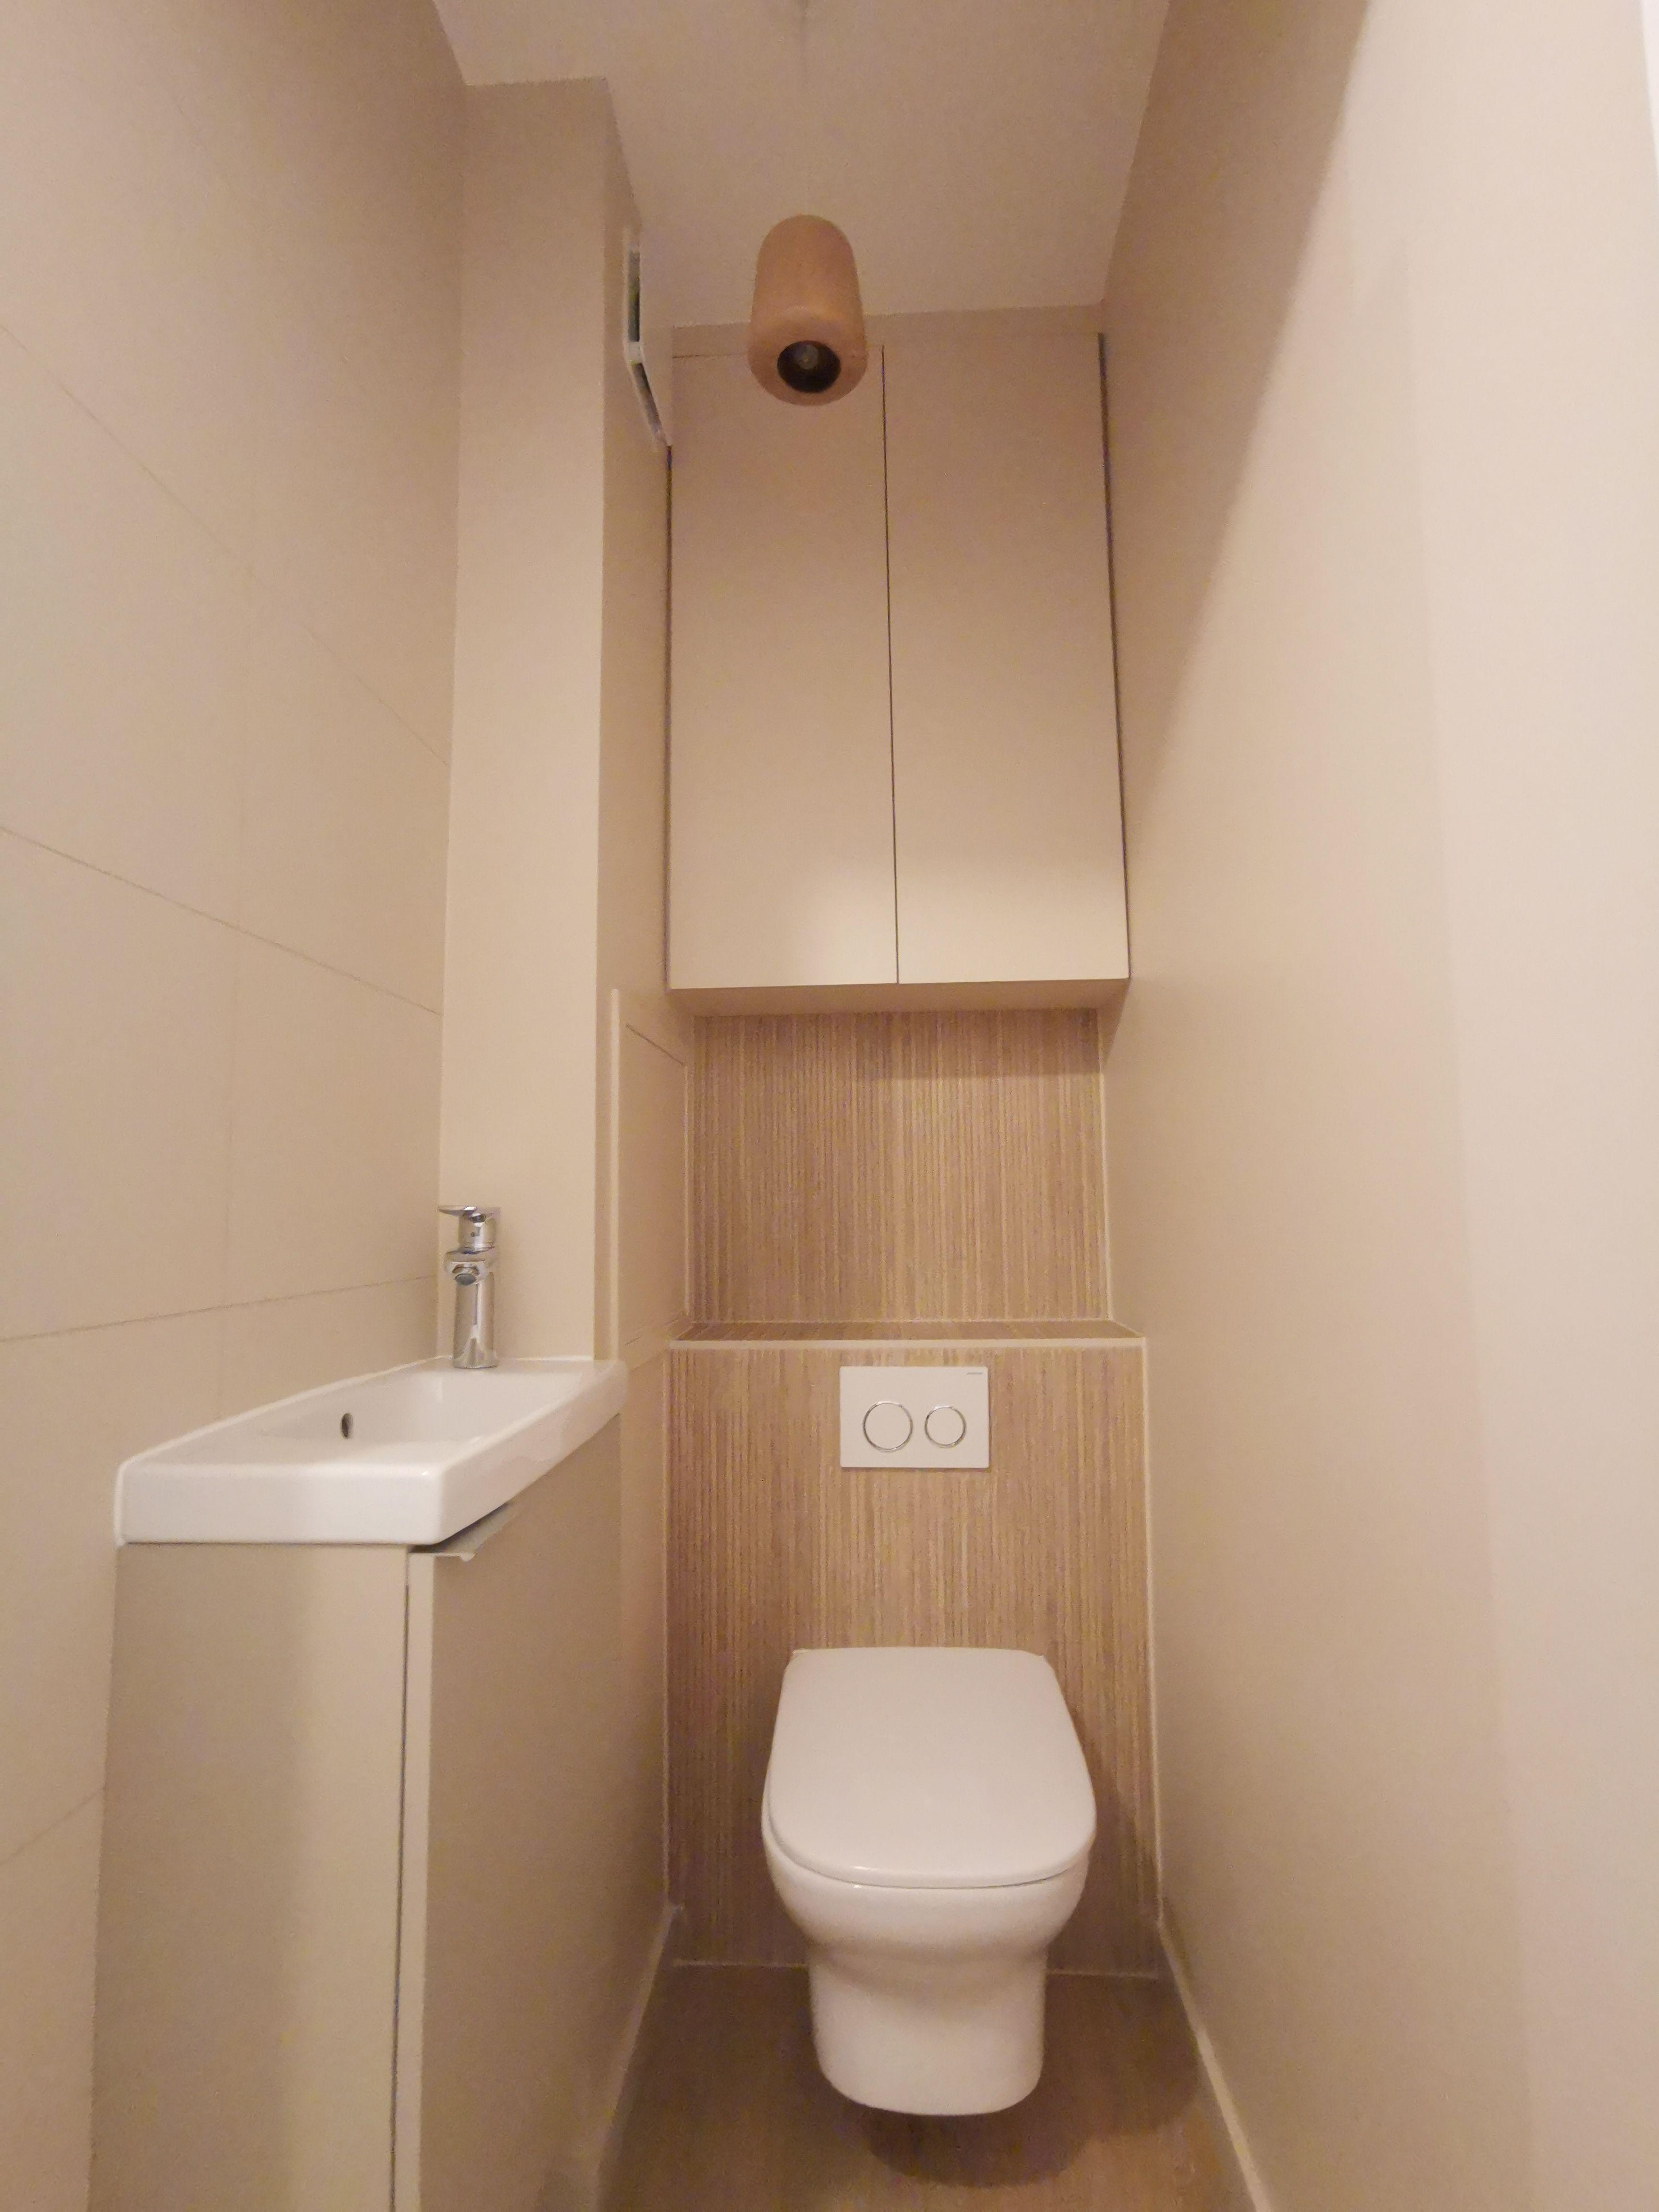 Epingle Par Ll Lud Sur Appart En 2020 Toilette Suspendu Deco Toilettes Deco Wc Suspendu